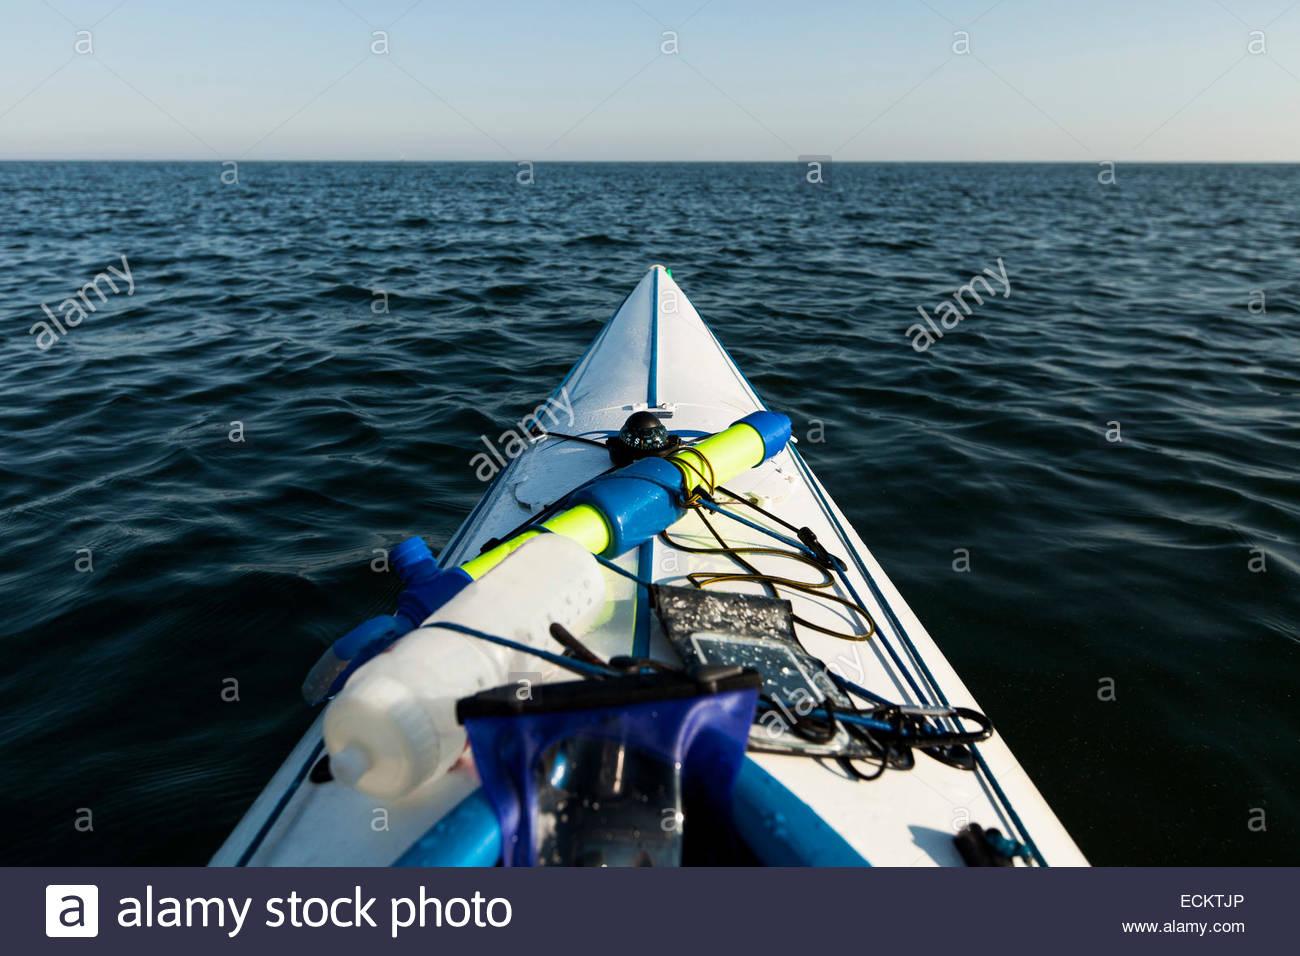 Bild von Kajak auf See beschnitten Stockbild